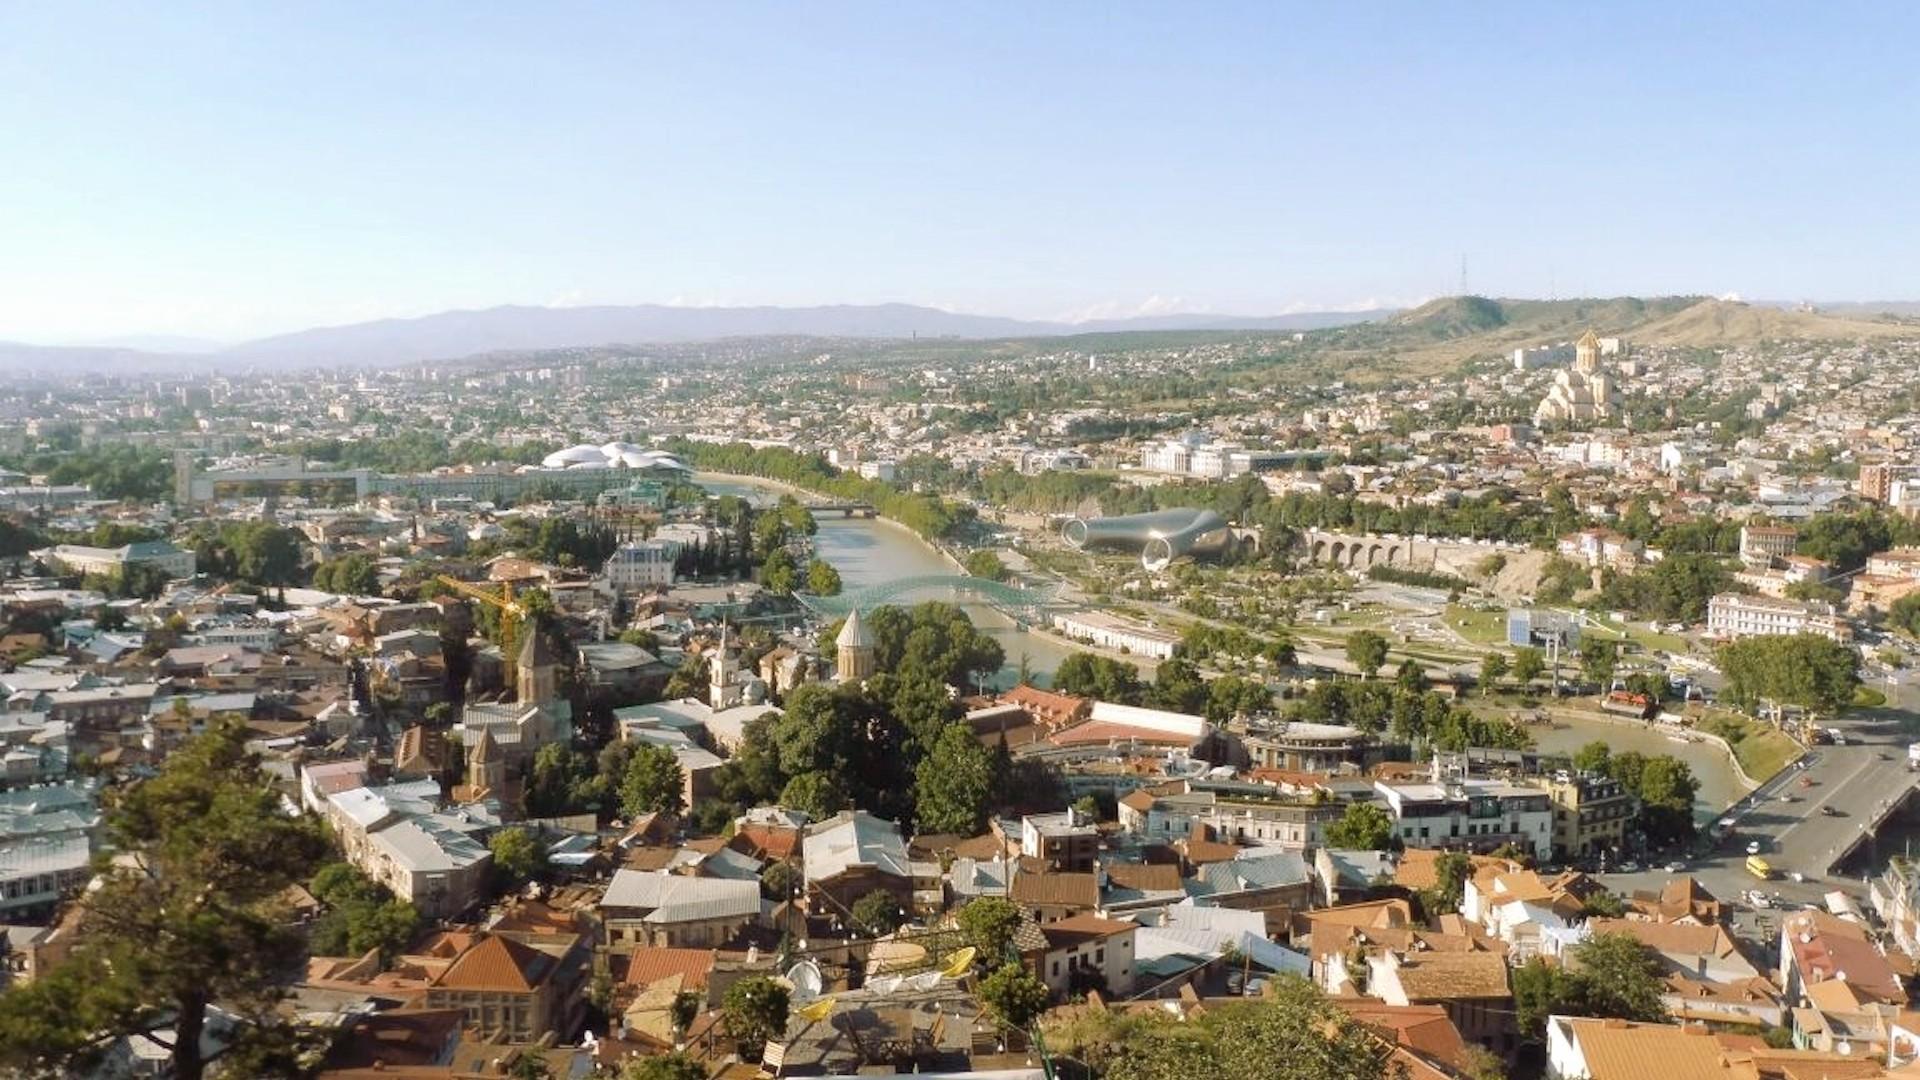 Así es Tiflis, la capital de Georgia, nombrada como La California del Cáucaso